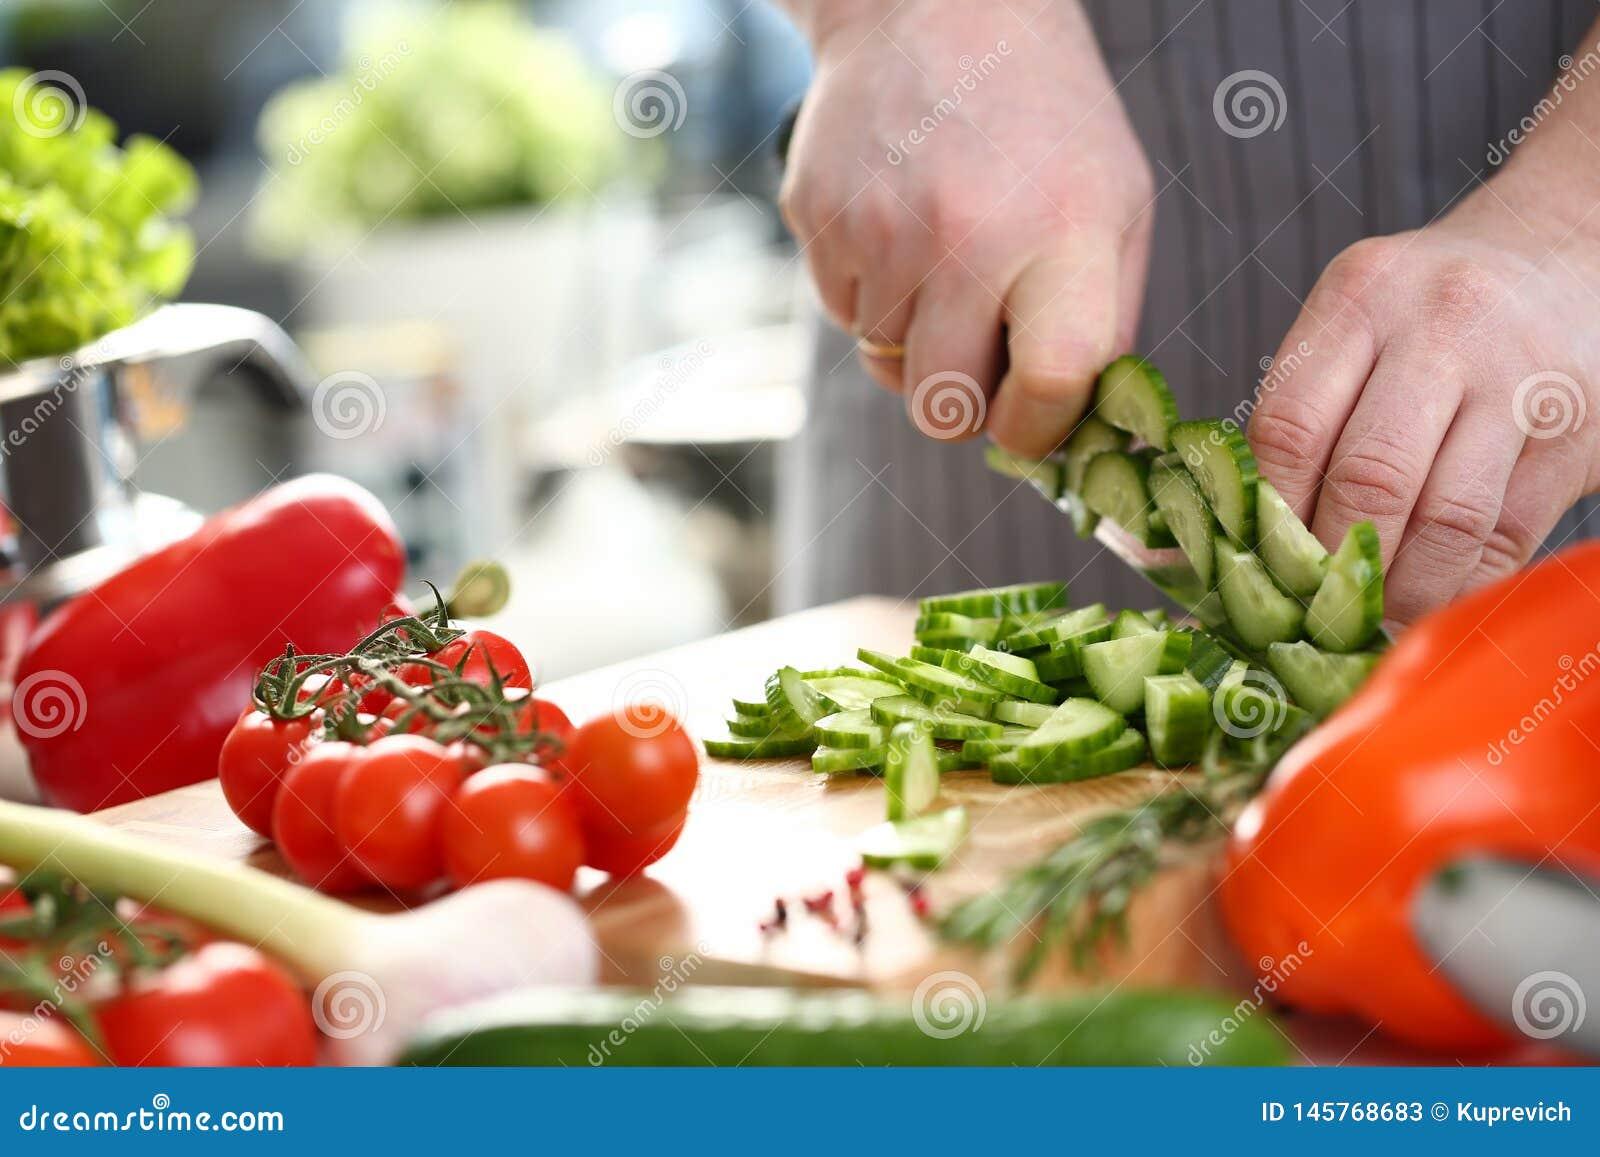 Pepino profissional de Hand Chopping Fresh do cozinheiro chefe